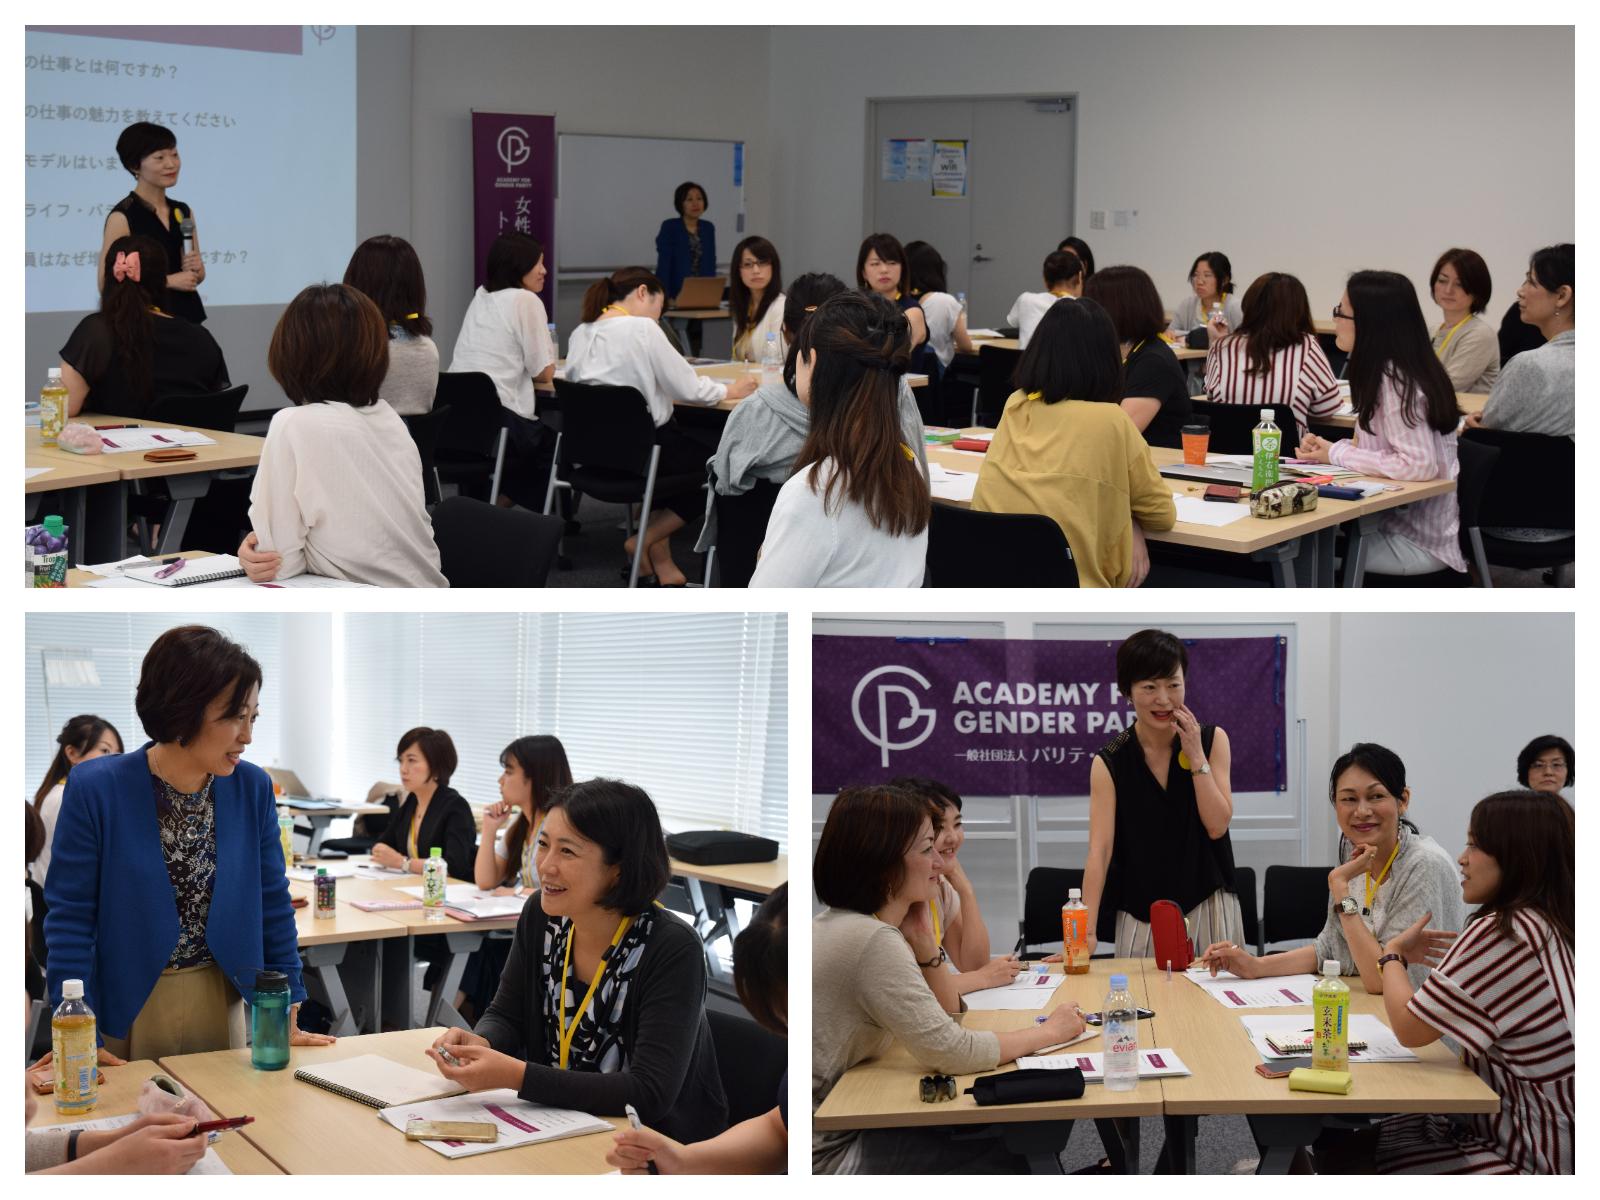 「女性政治リーダー・トレーニング合宿 議員になって社会を変えよう!」を開催